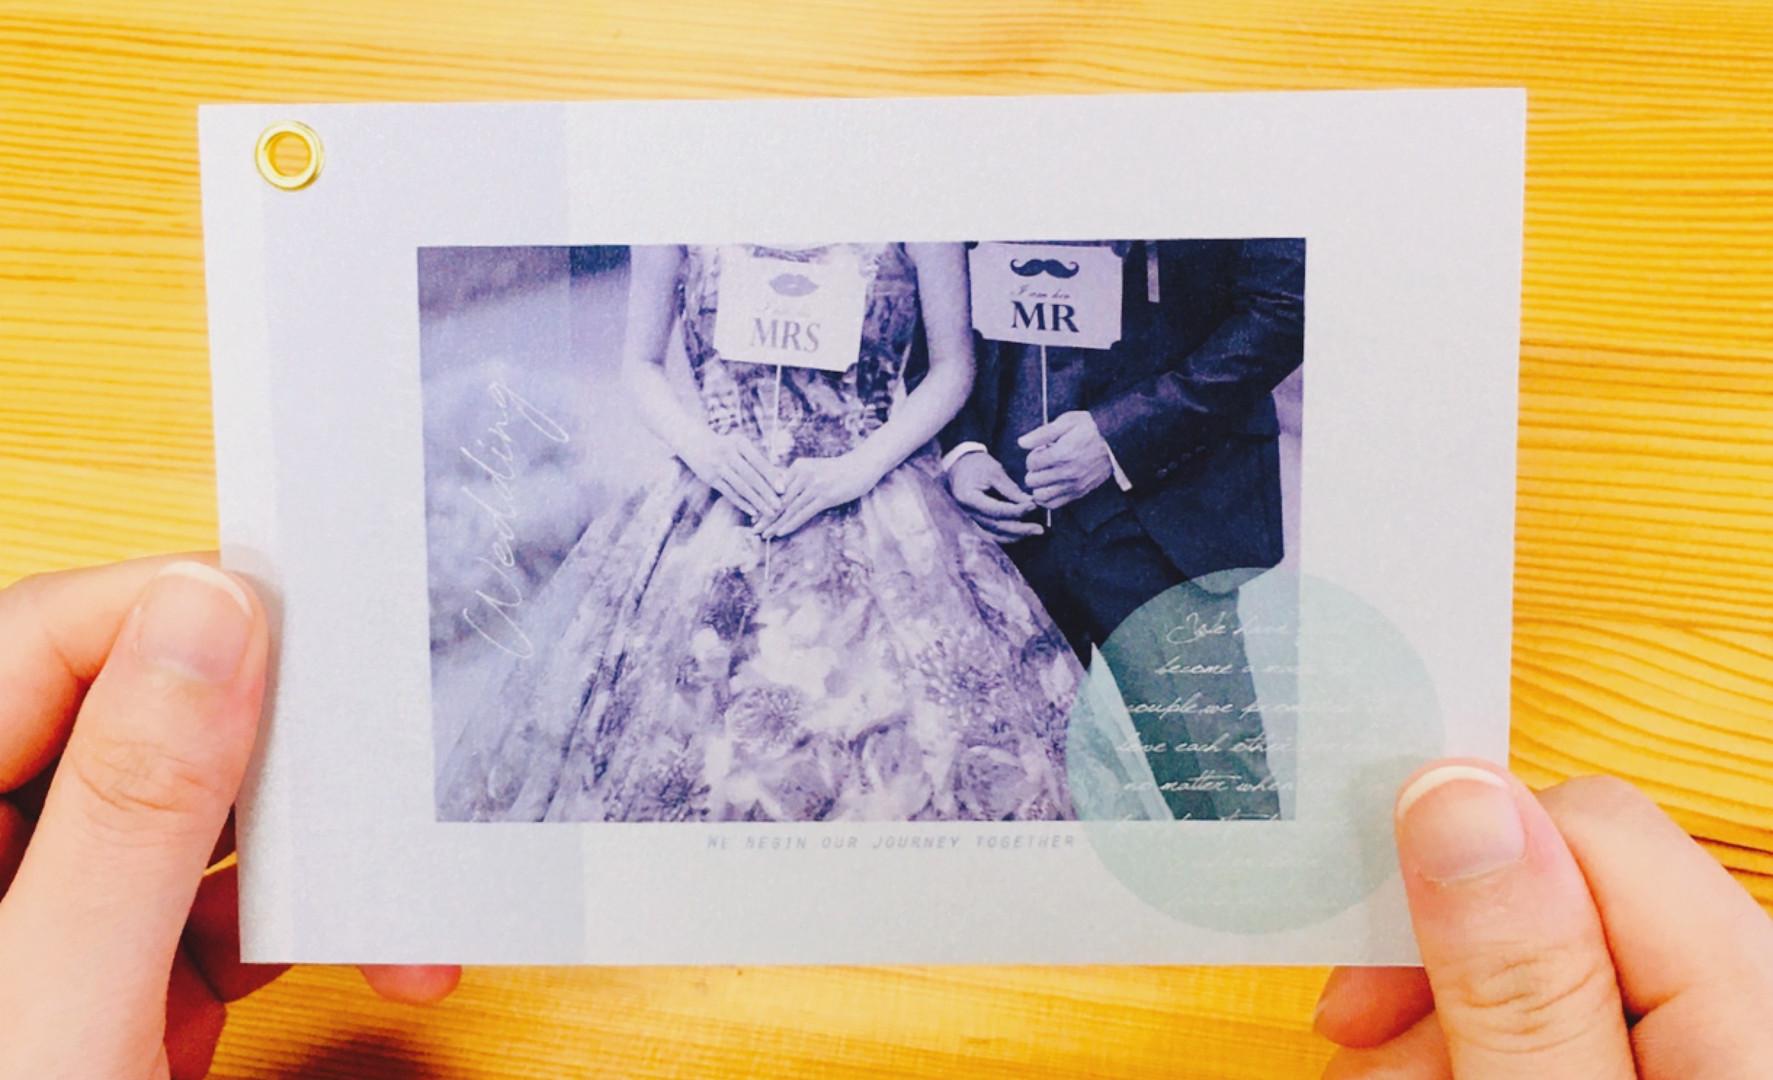 手持ち Just married デザイン4-E-1.jpg